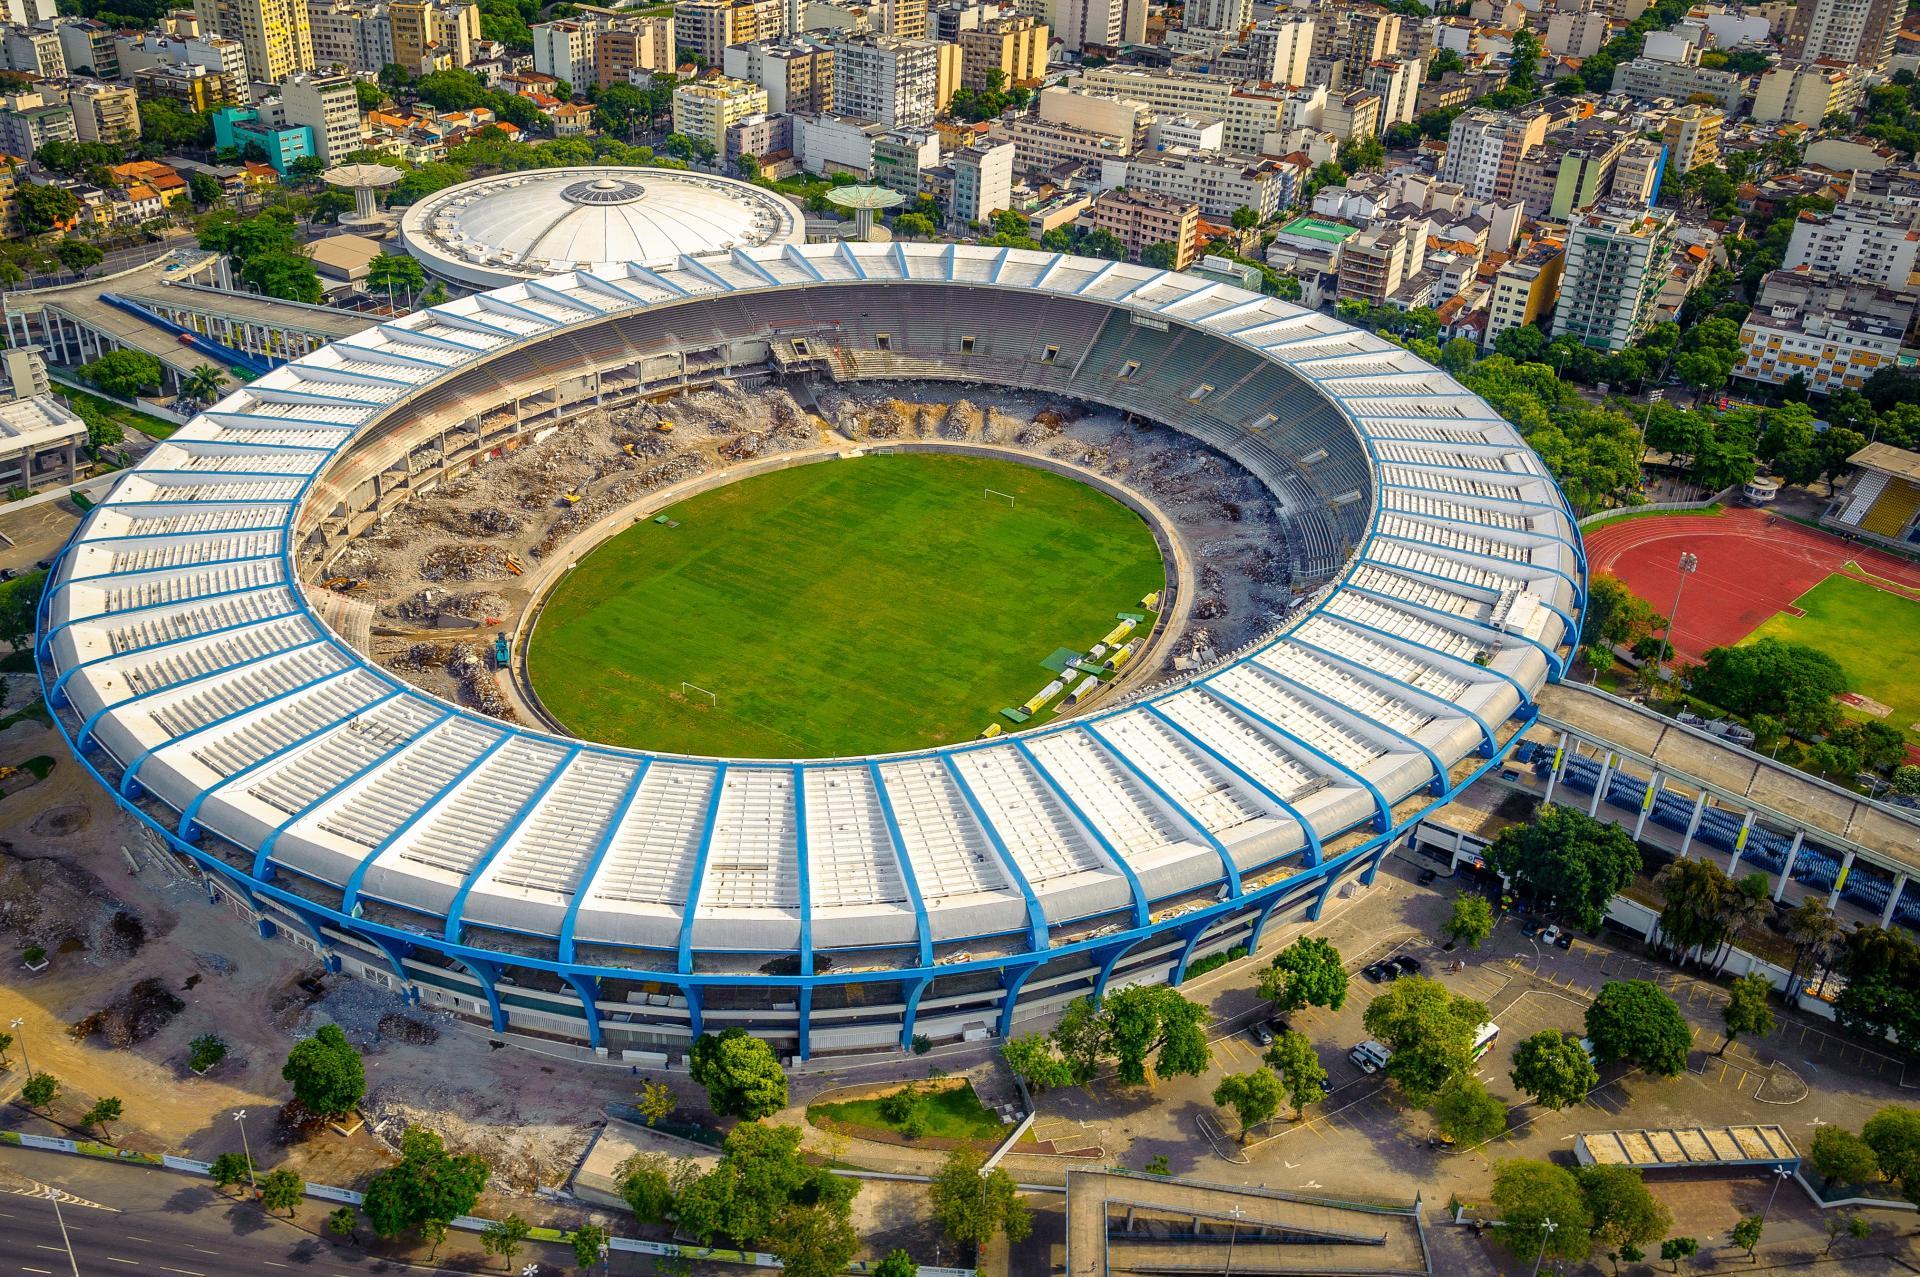 Tagestour Vogelperspektive Maracana-Stadion und Neuer Hafen